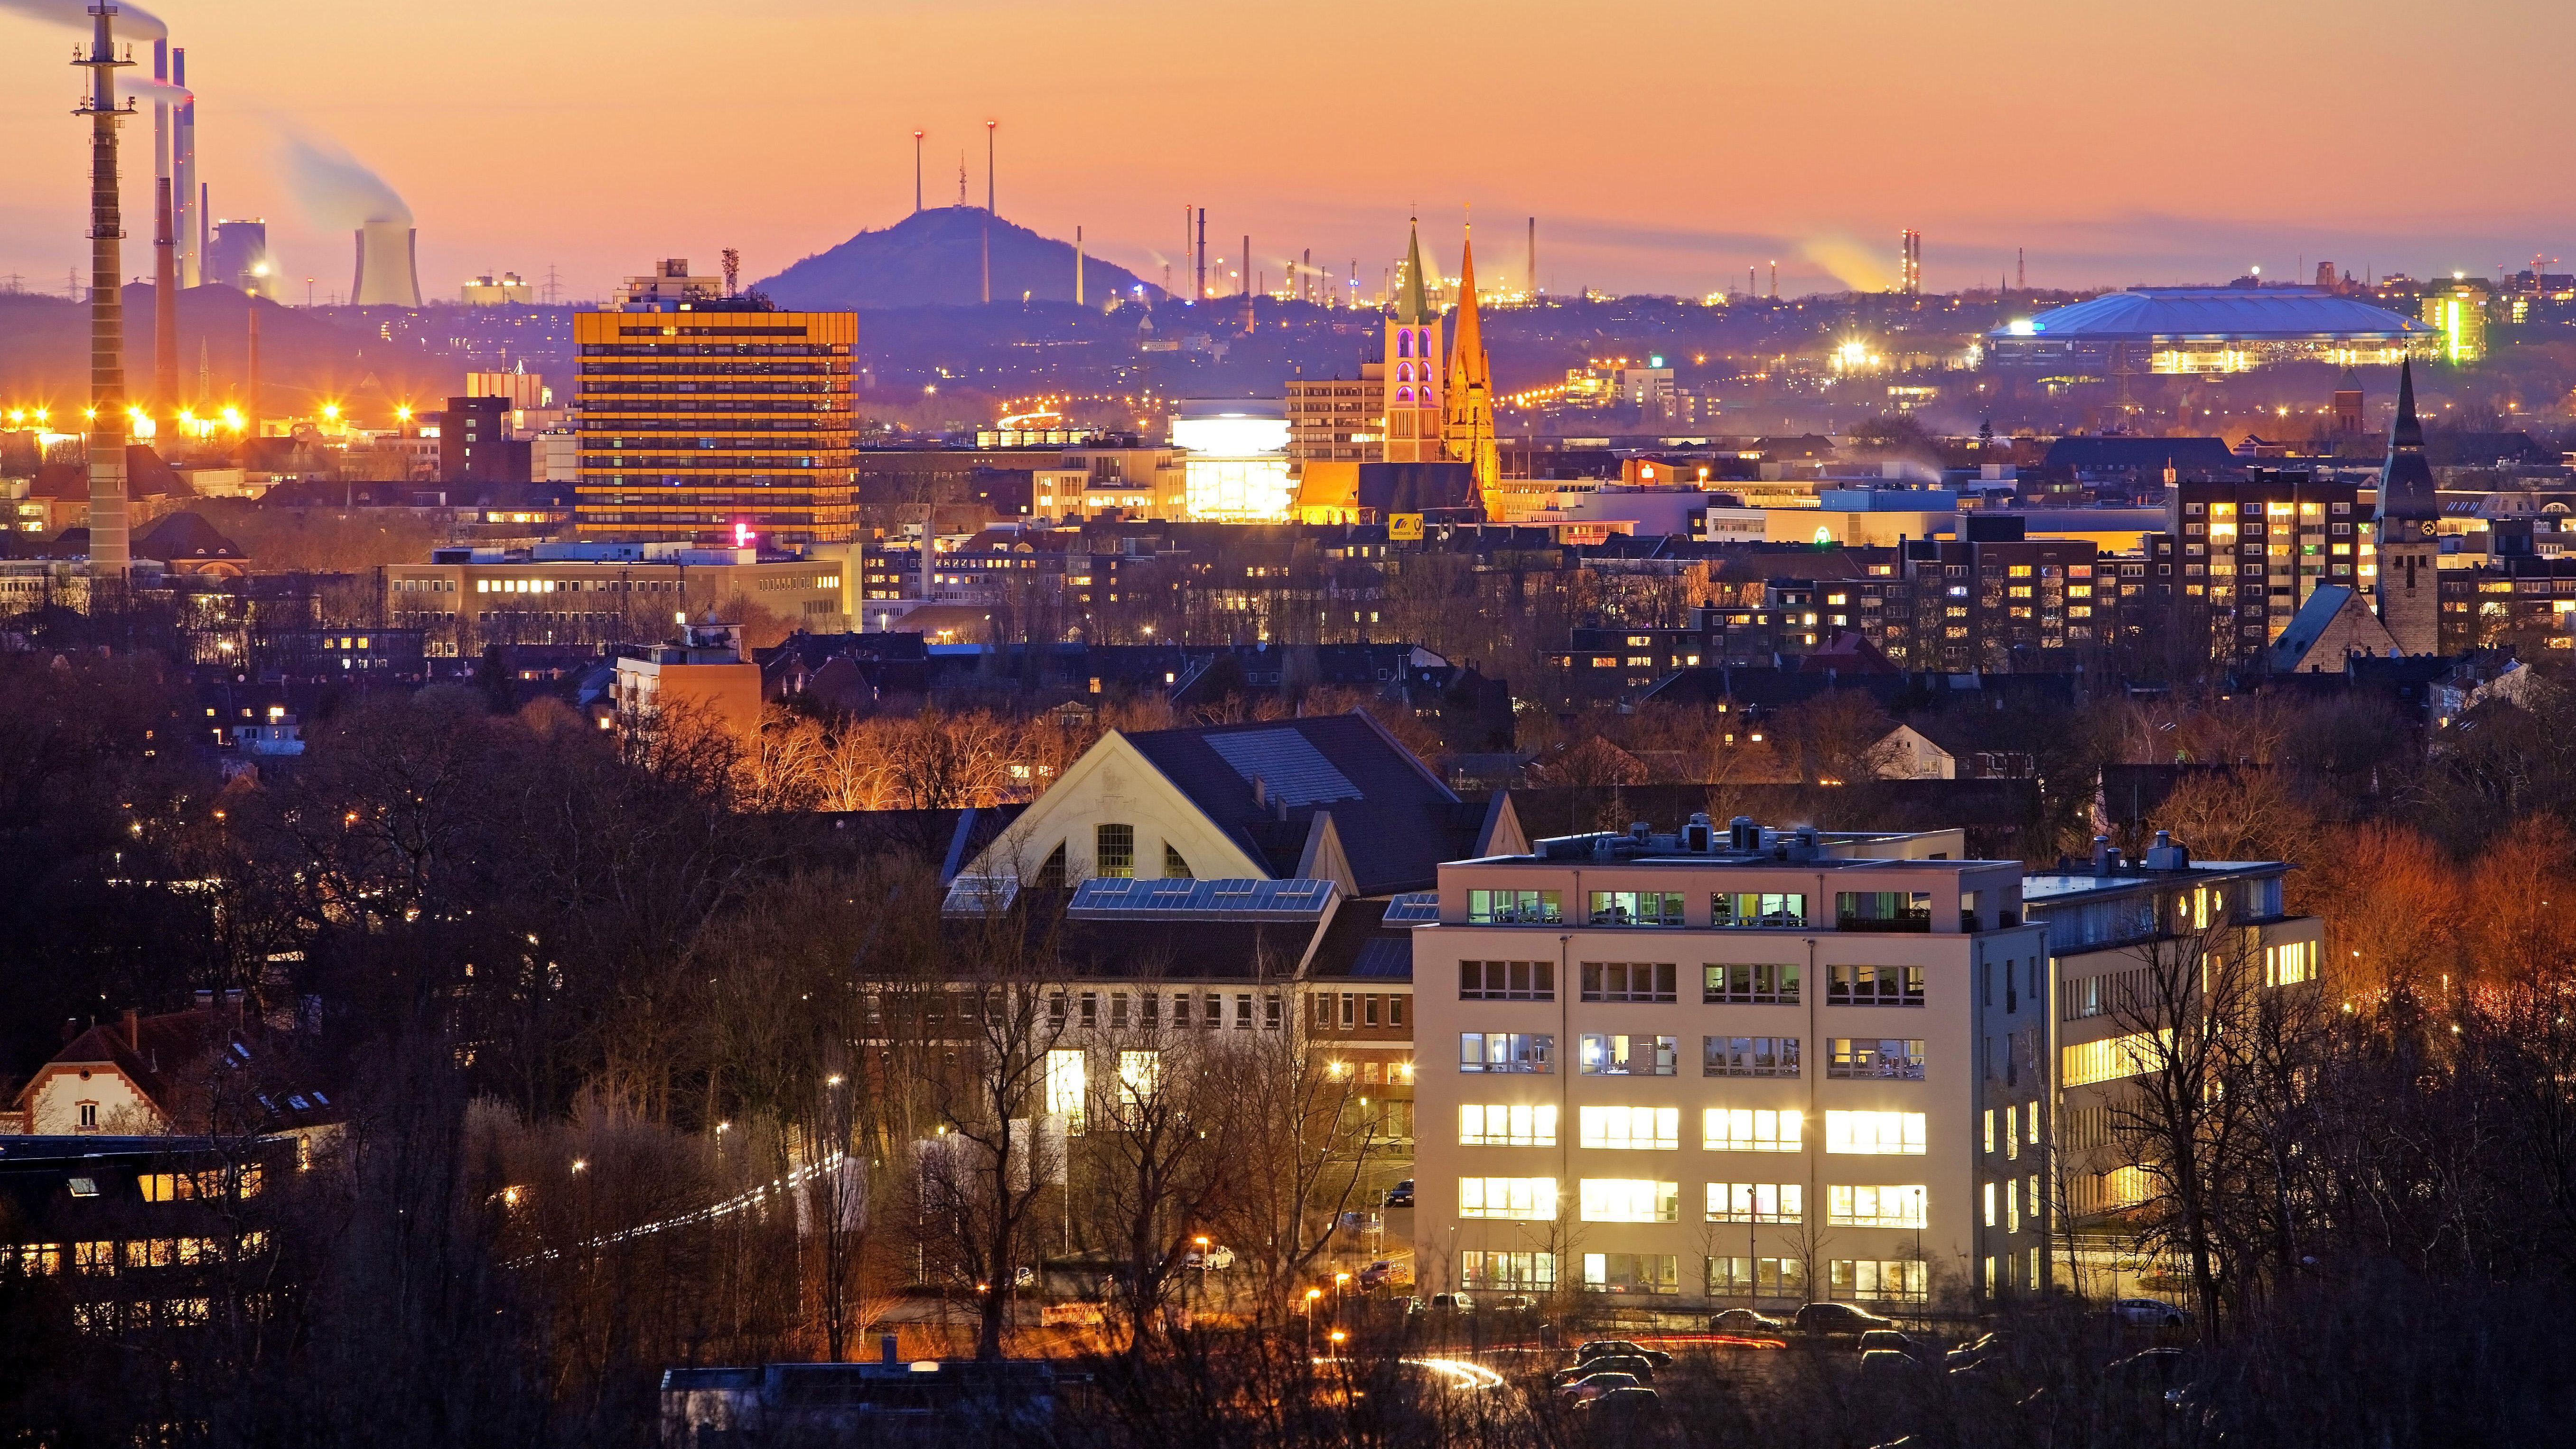 Gelsenkirchen gehört zu den ärmsten Kommunen in Deutschland